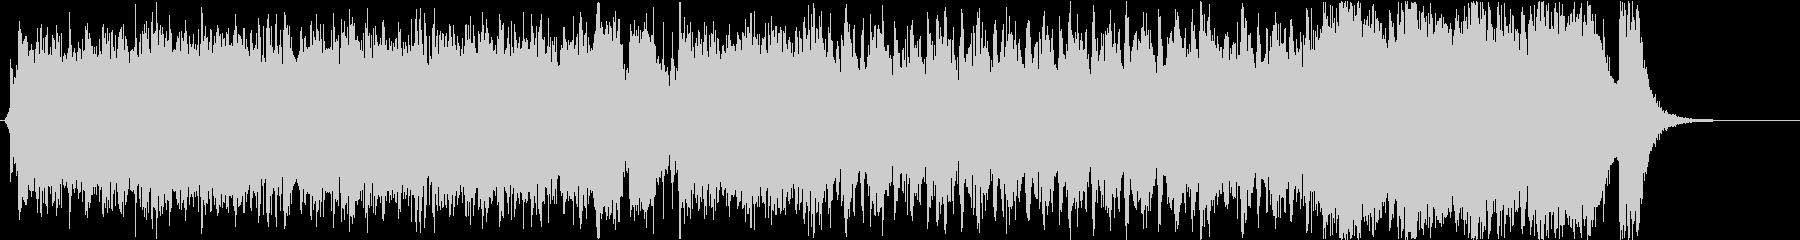 エピックファンタジーアドベンチャー2の未再生の波形